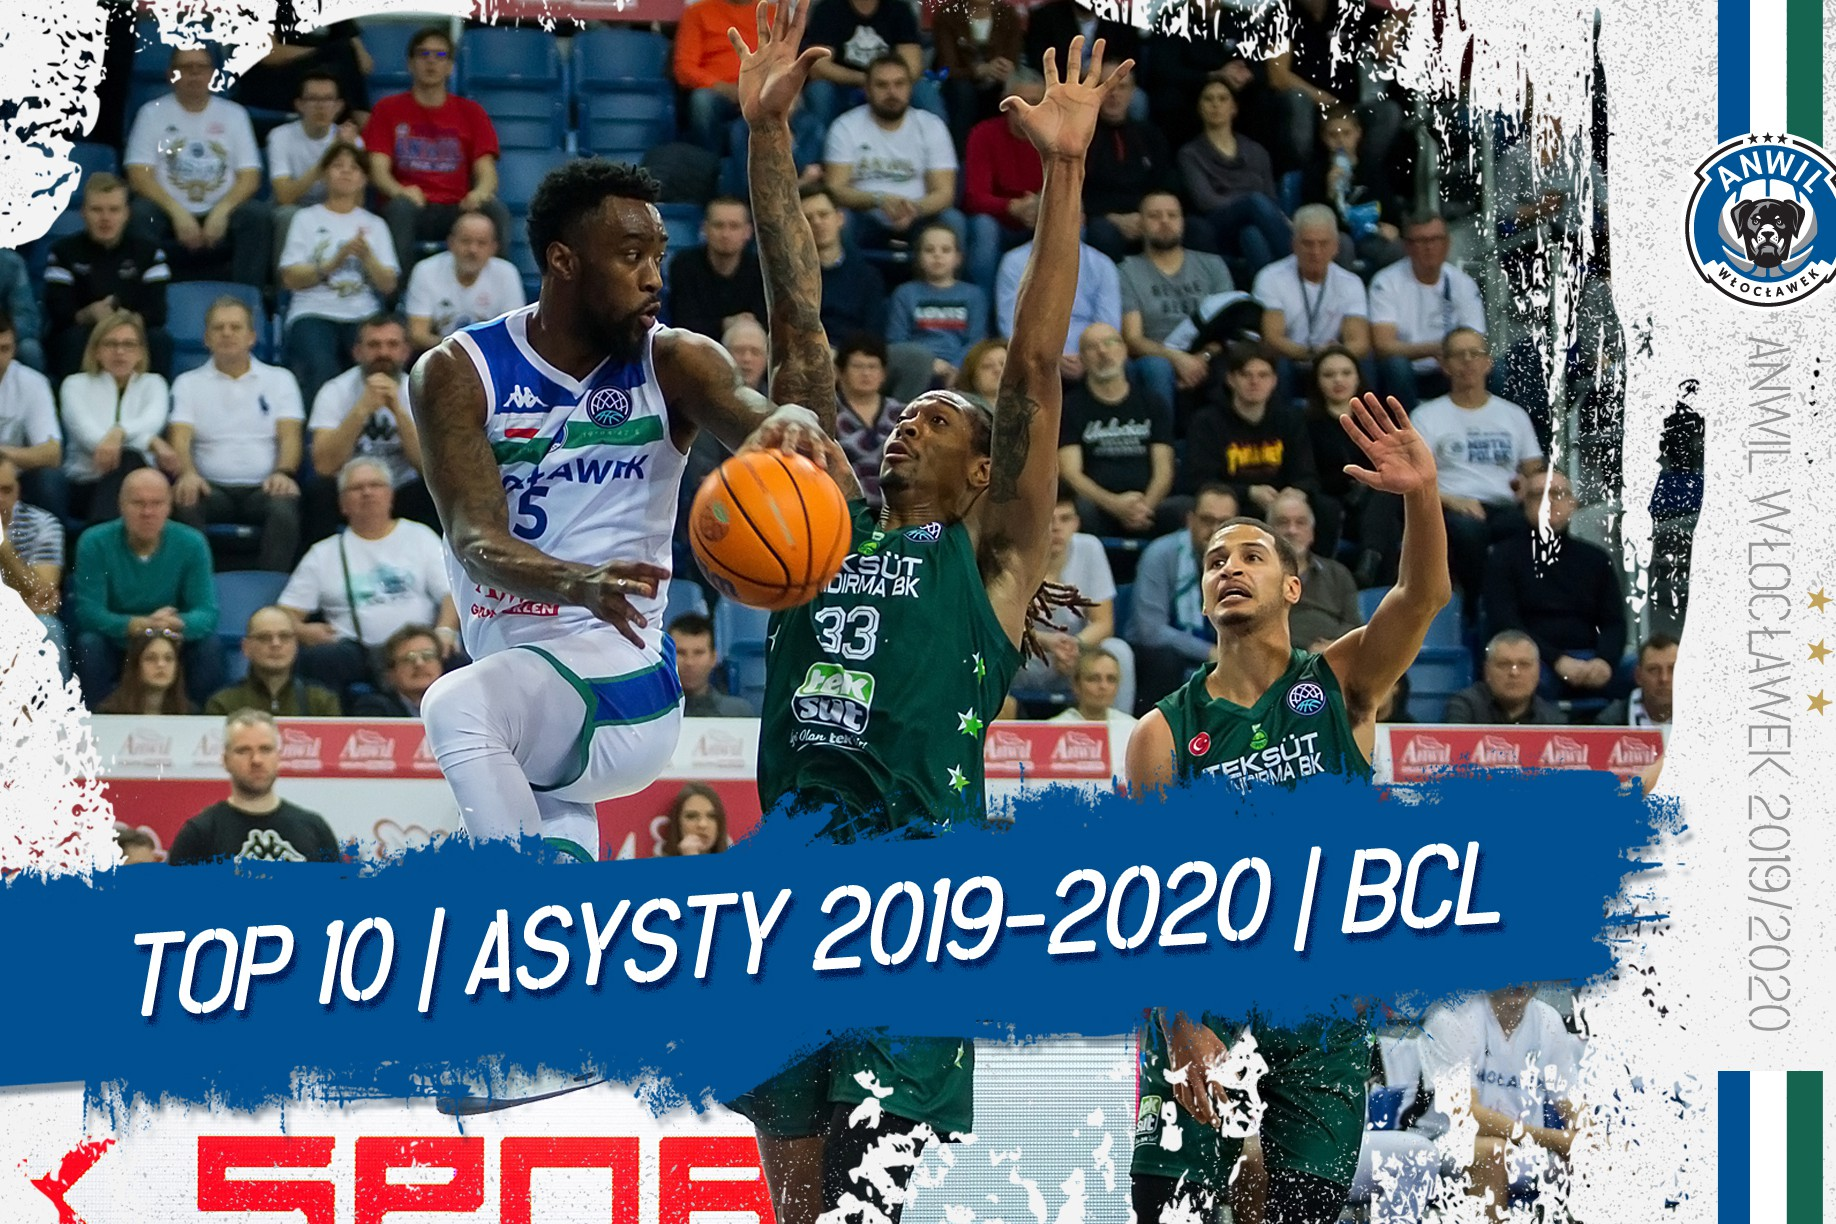 Wideo   TOP 10 asyst Anwilu Włocławek w BCL 2019/2020